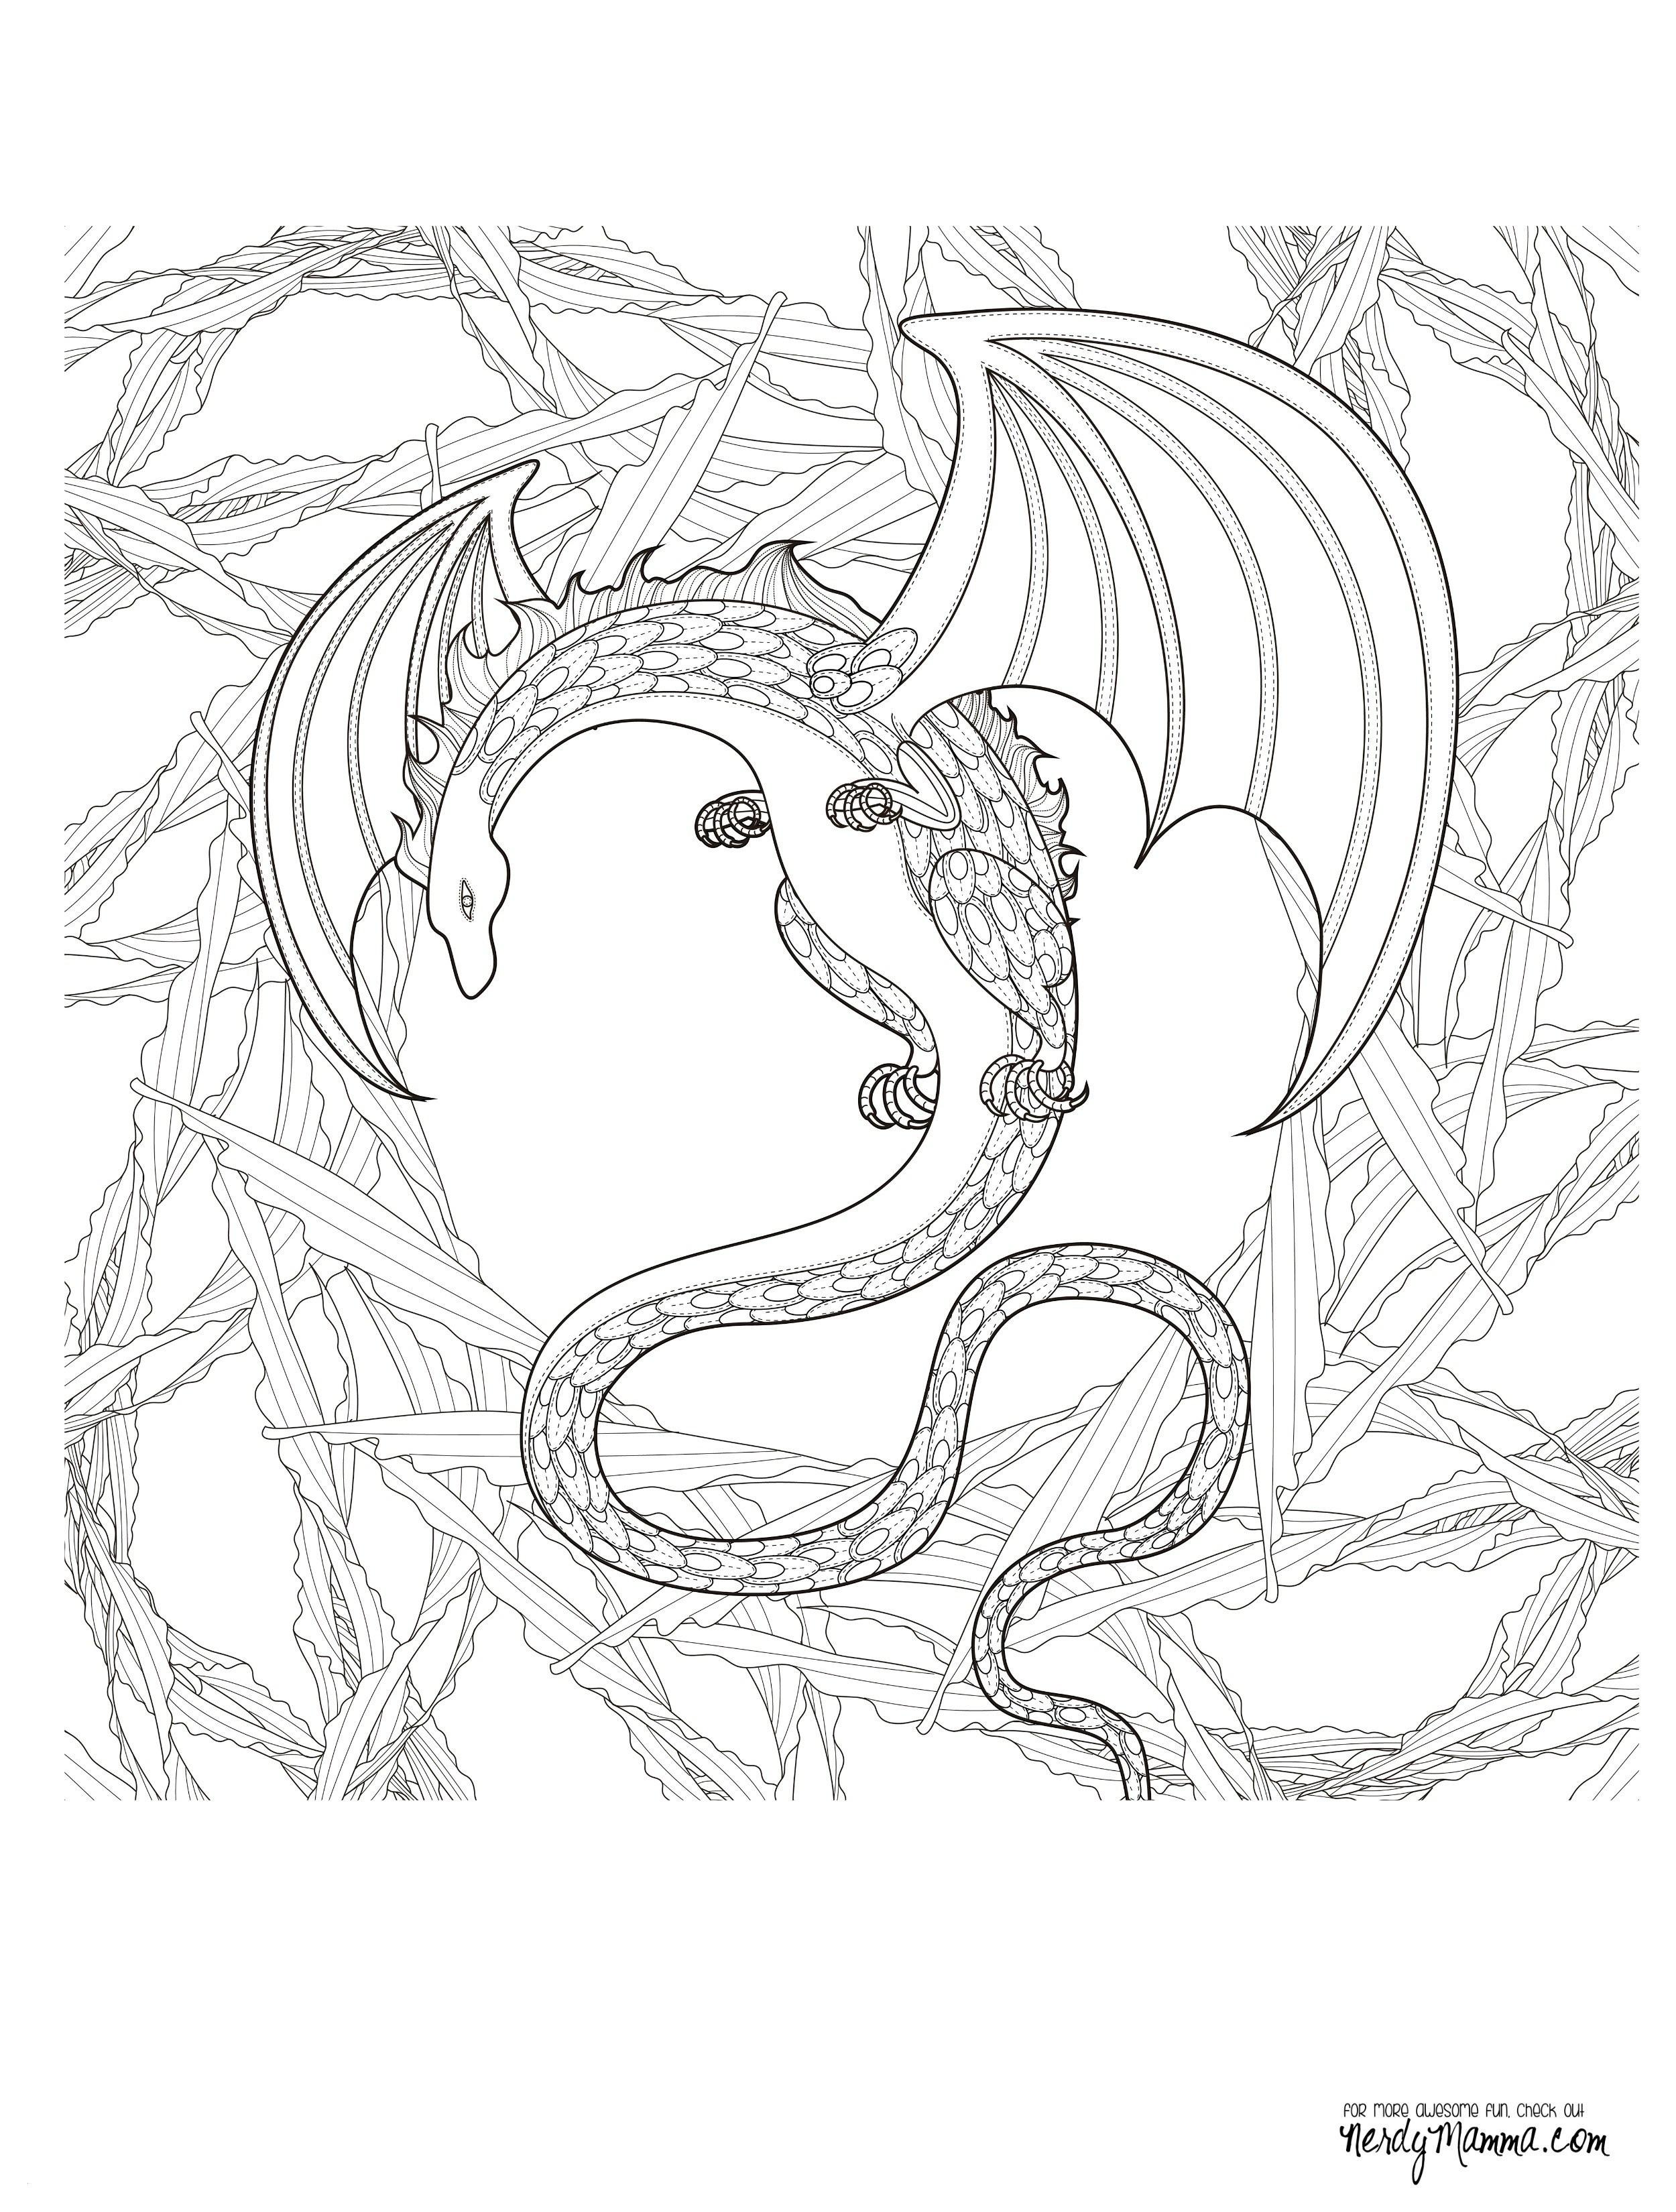 Mandala Zum Ausdrucken Erwachsene Genial Ausmalbilder Mandala Eule Schön Malvorlagen Für Erwachsene Bilder